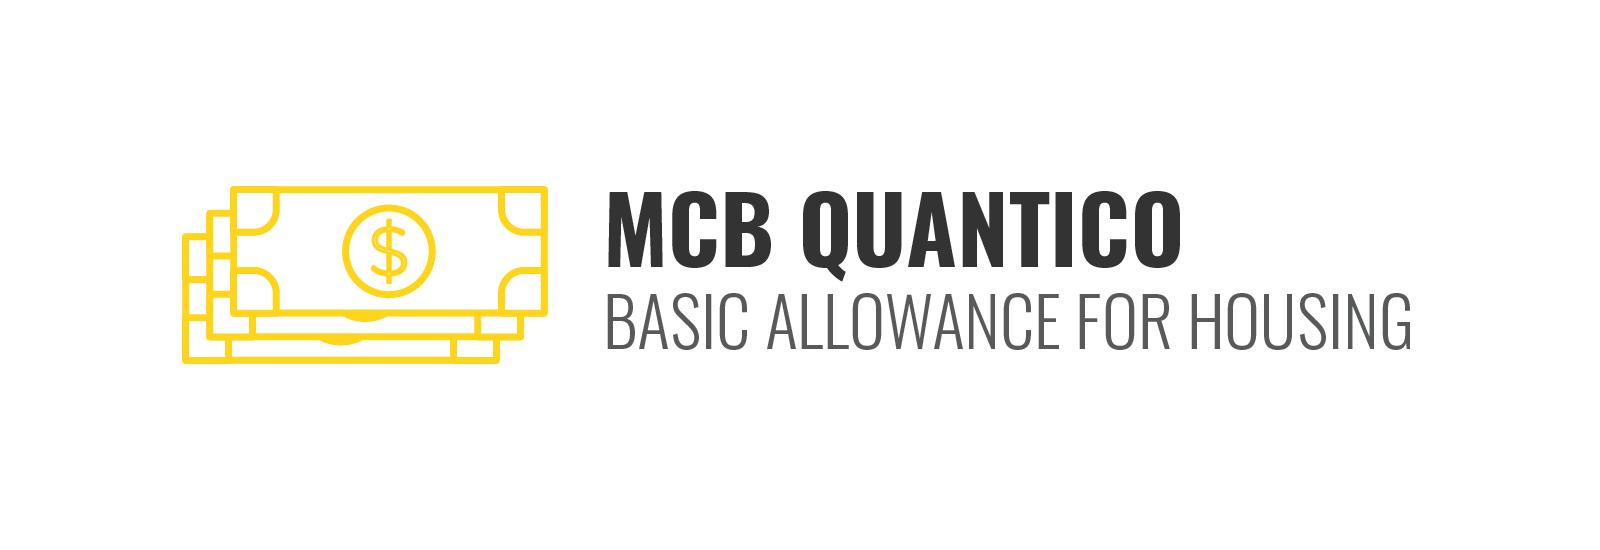 MCB Quantico BAH